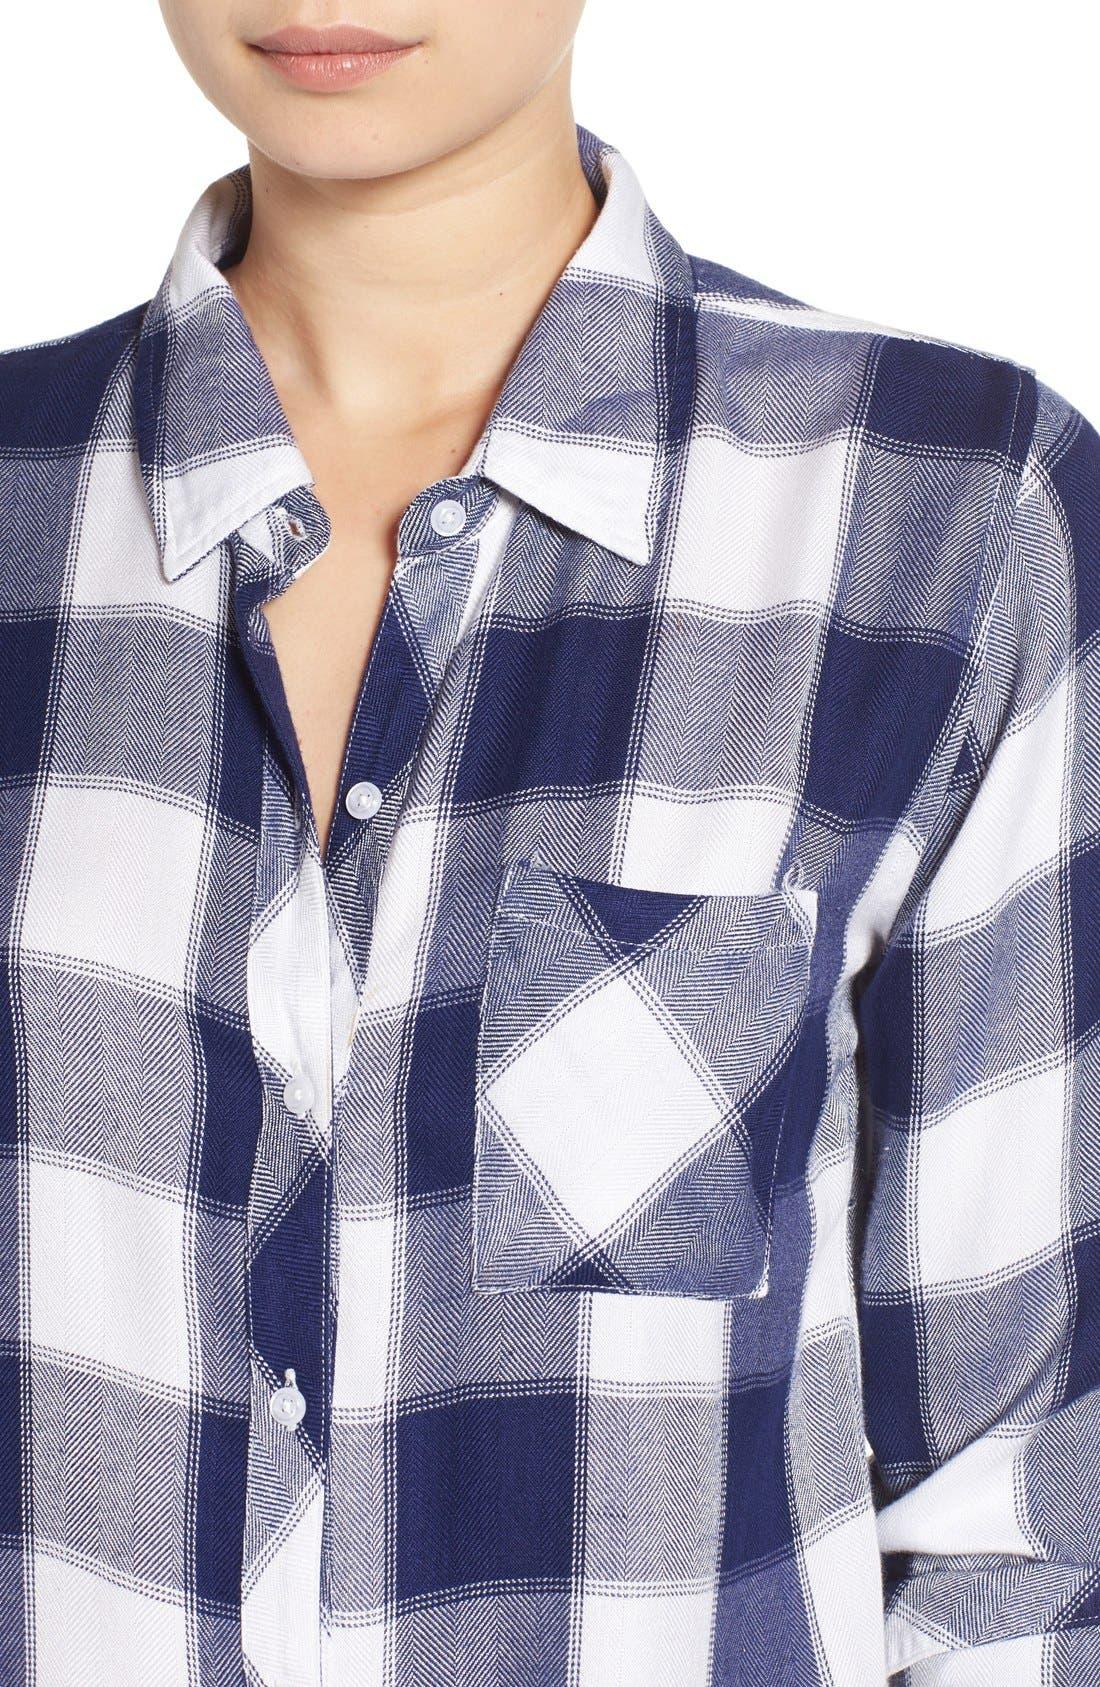 Hunter Plaid Shirt,                             Alternate thumbnail 524, color,